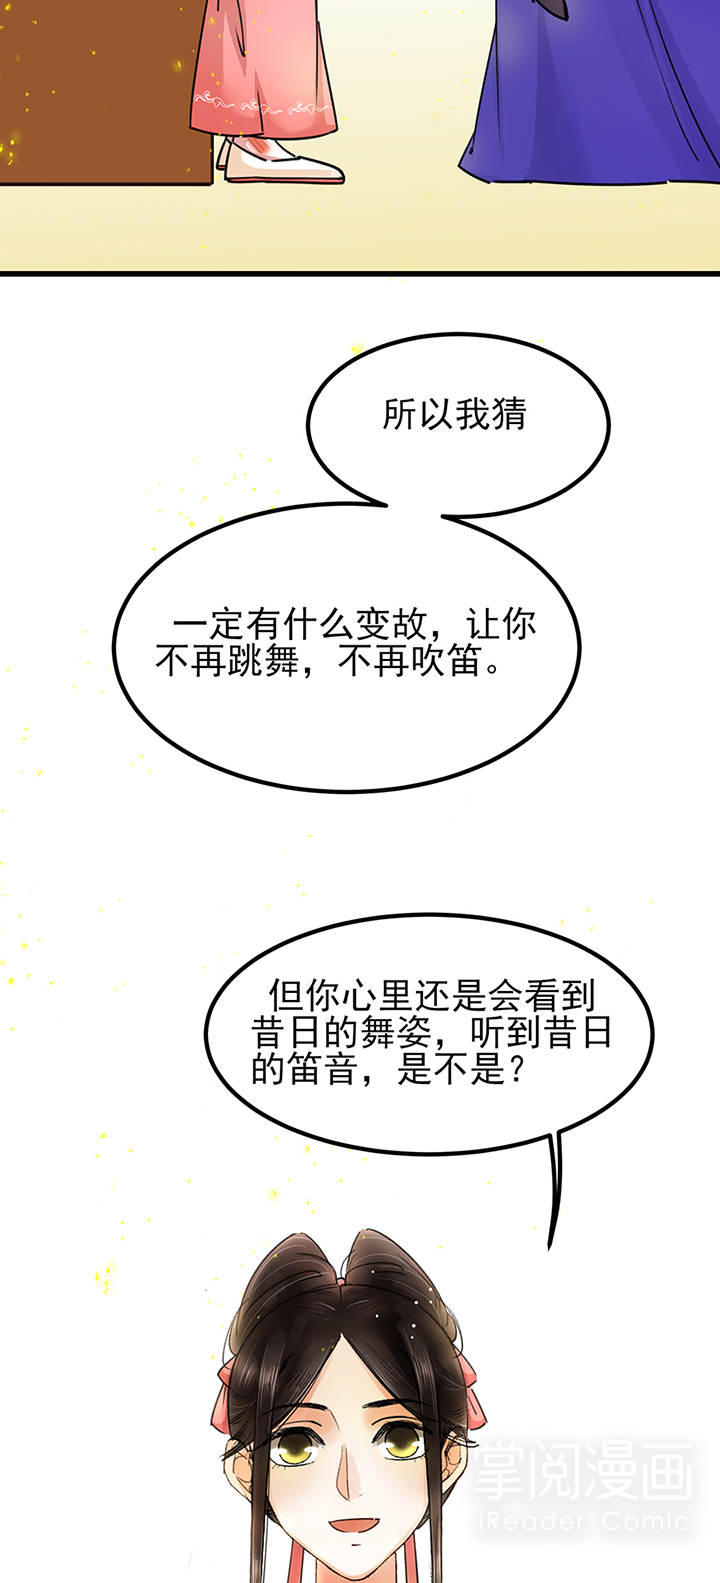 晚唐烟华第12话  沈阿翘 第 6